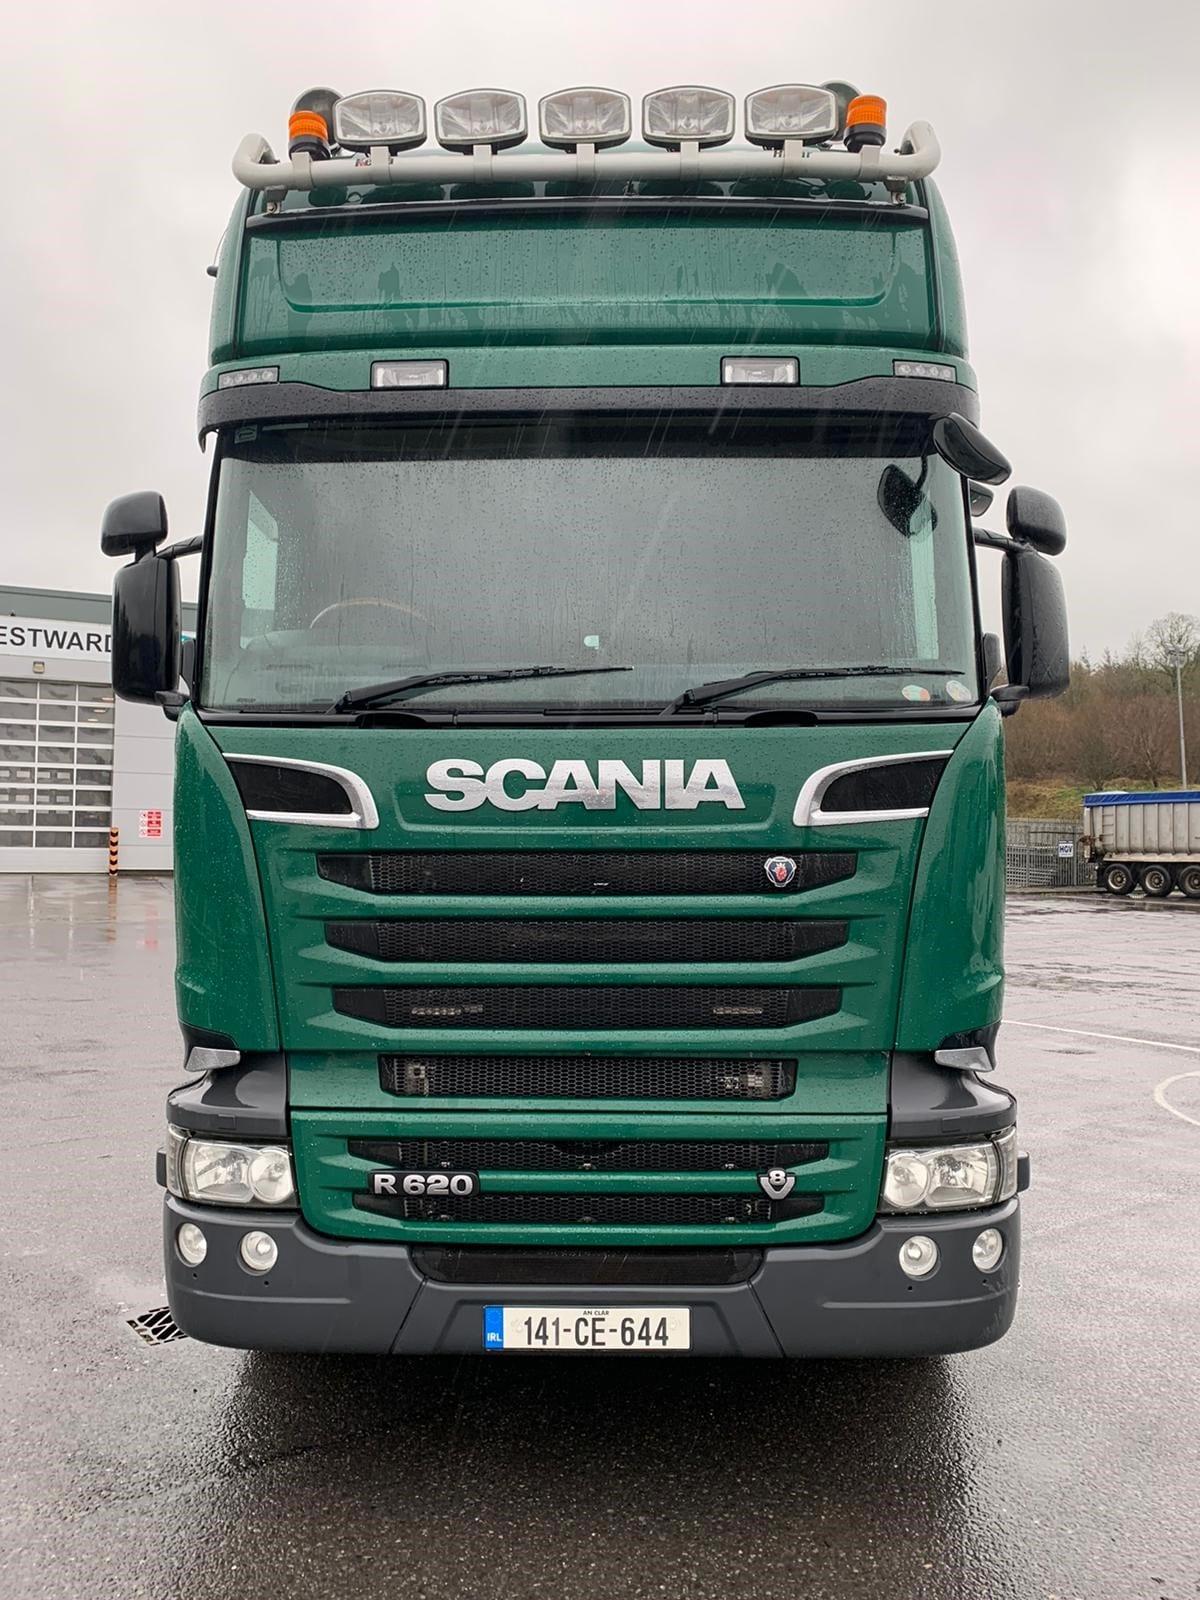 Scania R620 6 X 4